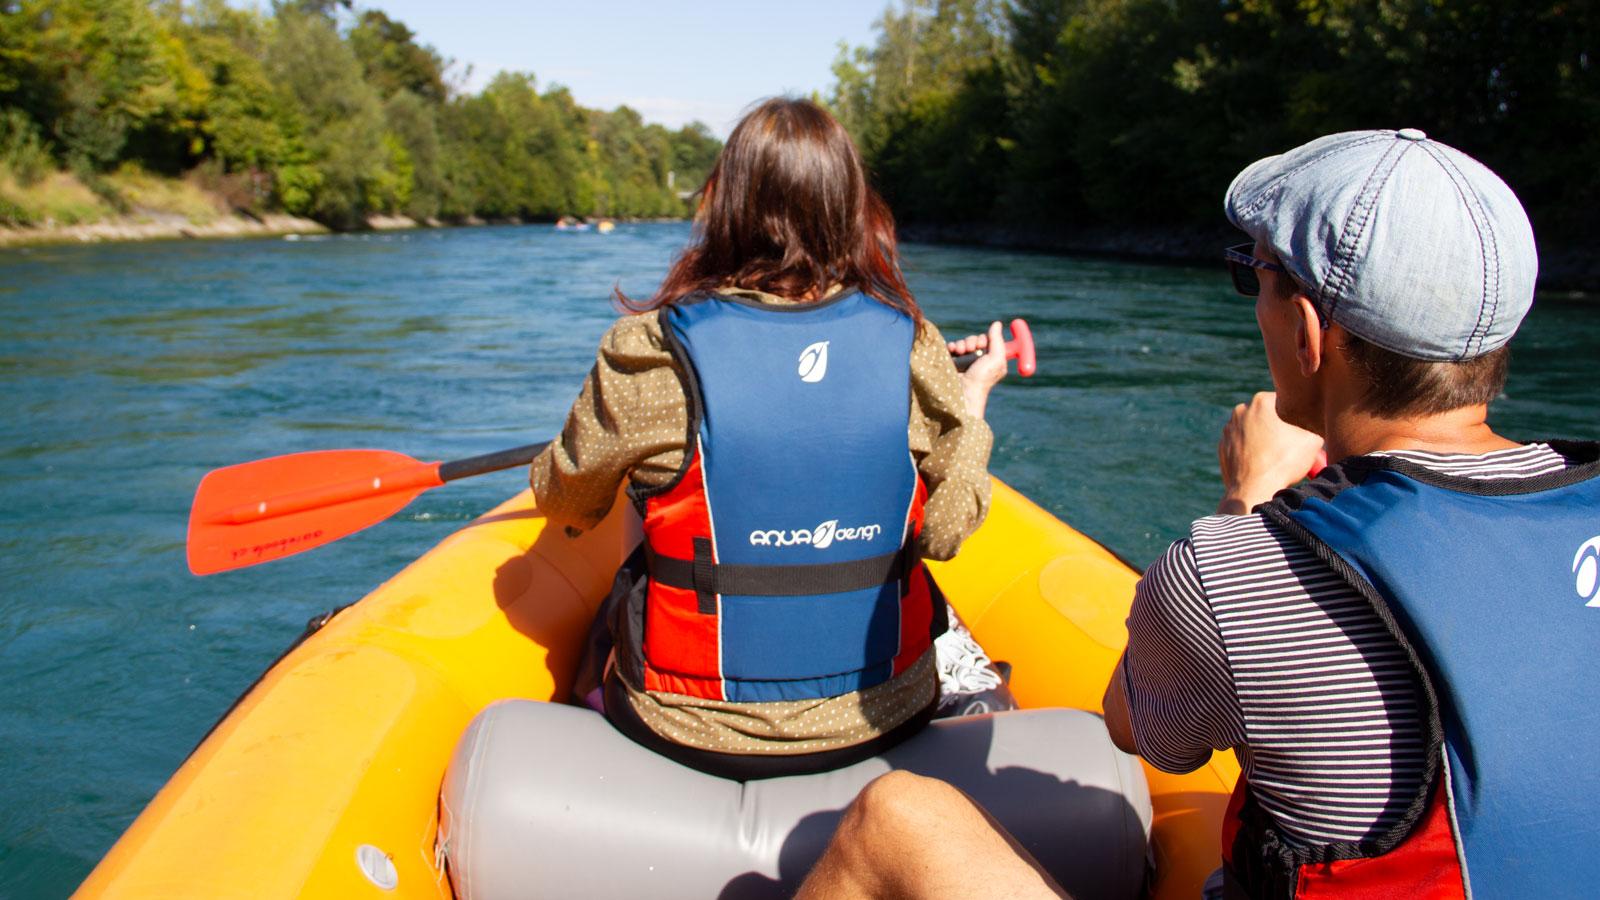 Es ist ratsam, auf Booten eine Schwimmweste zu tragen. Man denke etwa an den Kälteschock beim Kentern